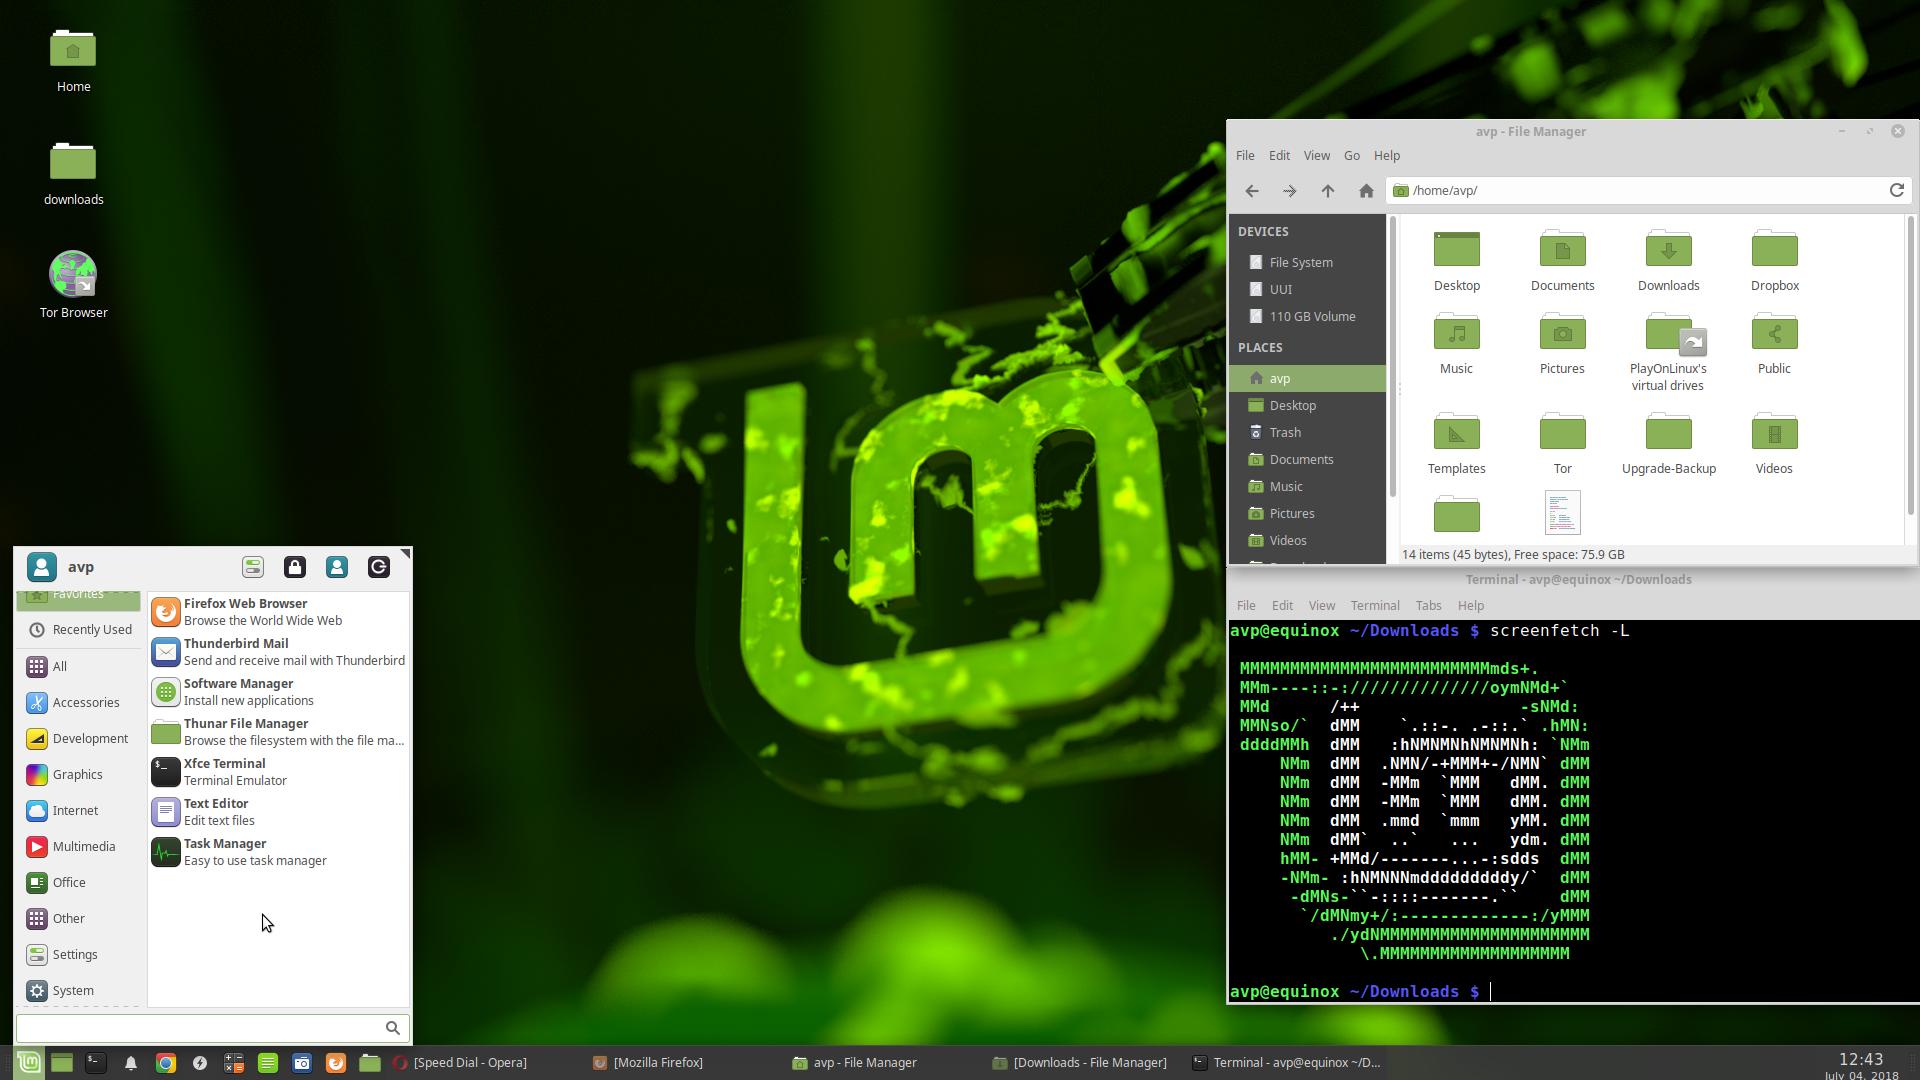 Скачать тор браузер на русском для линукс минт попасть на гидру скачать браузер тор мобильная версия hidra